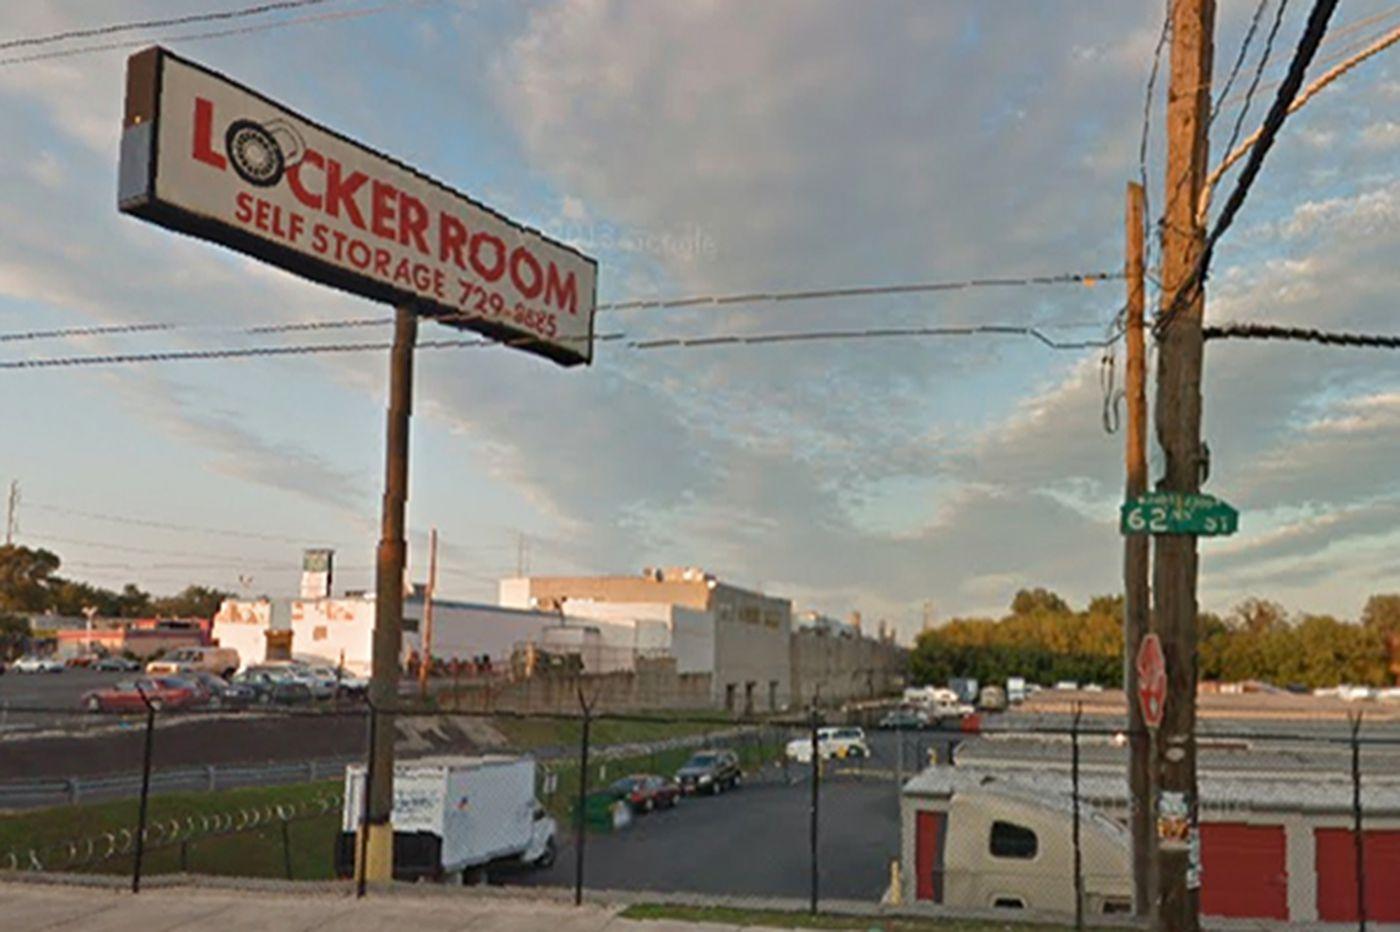 Biker found bound and beaten to death in Southwest Philly